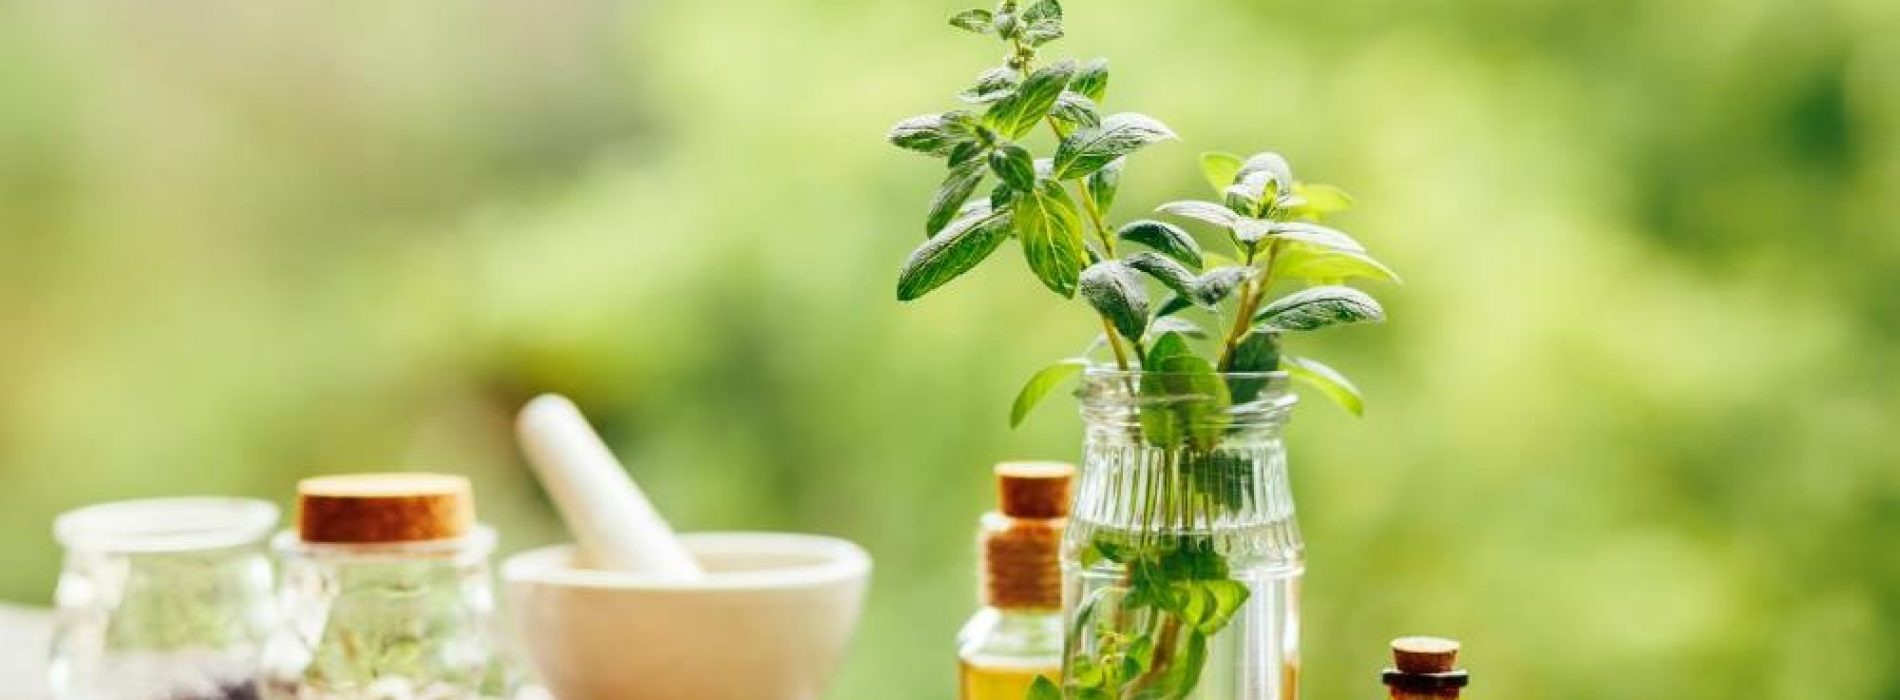 Deze effectieve natuurlijke remedies kunnen koortslippen helpen genezen